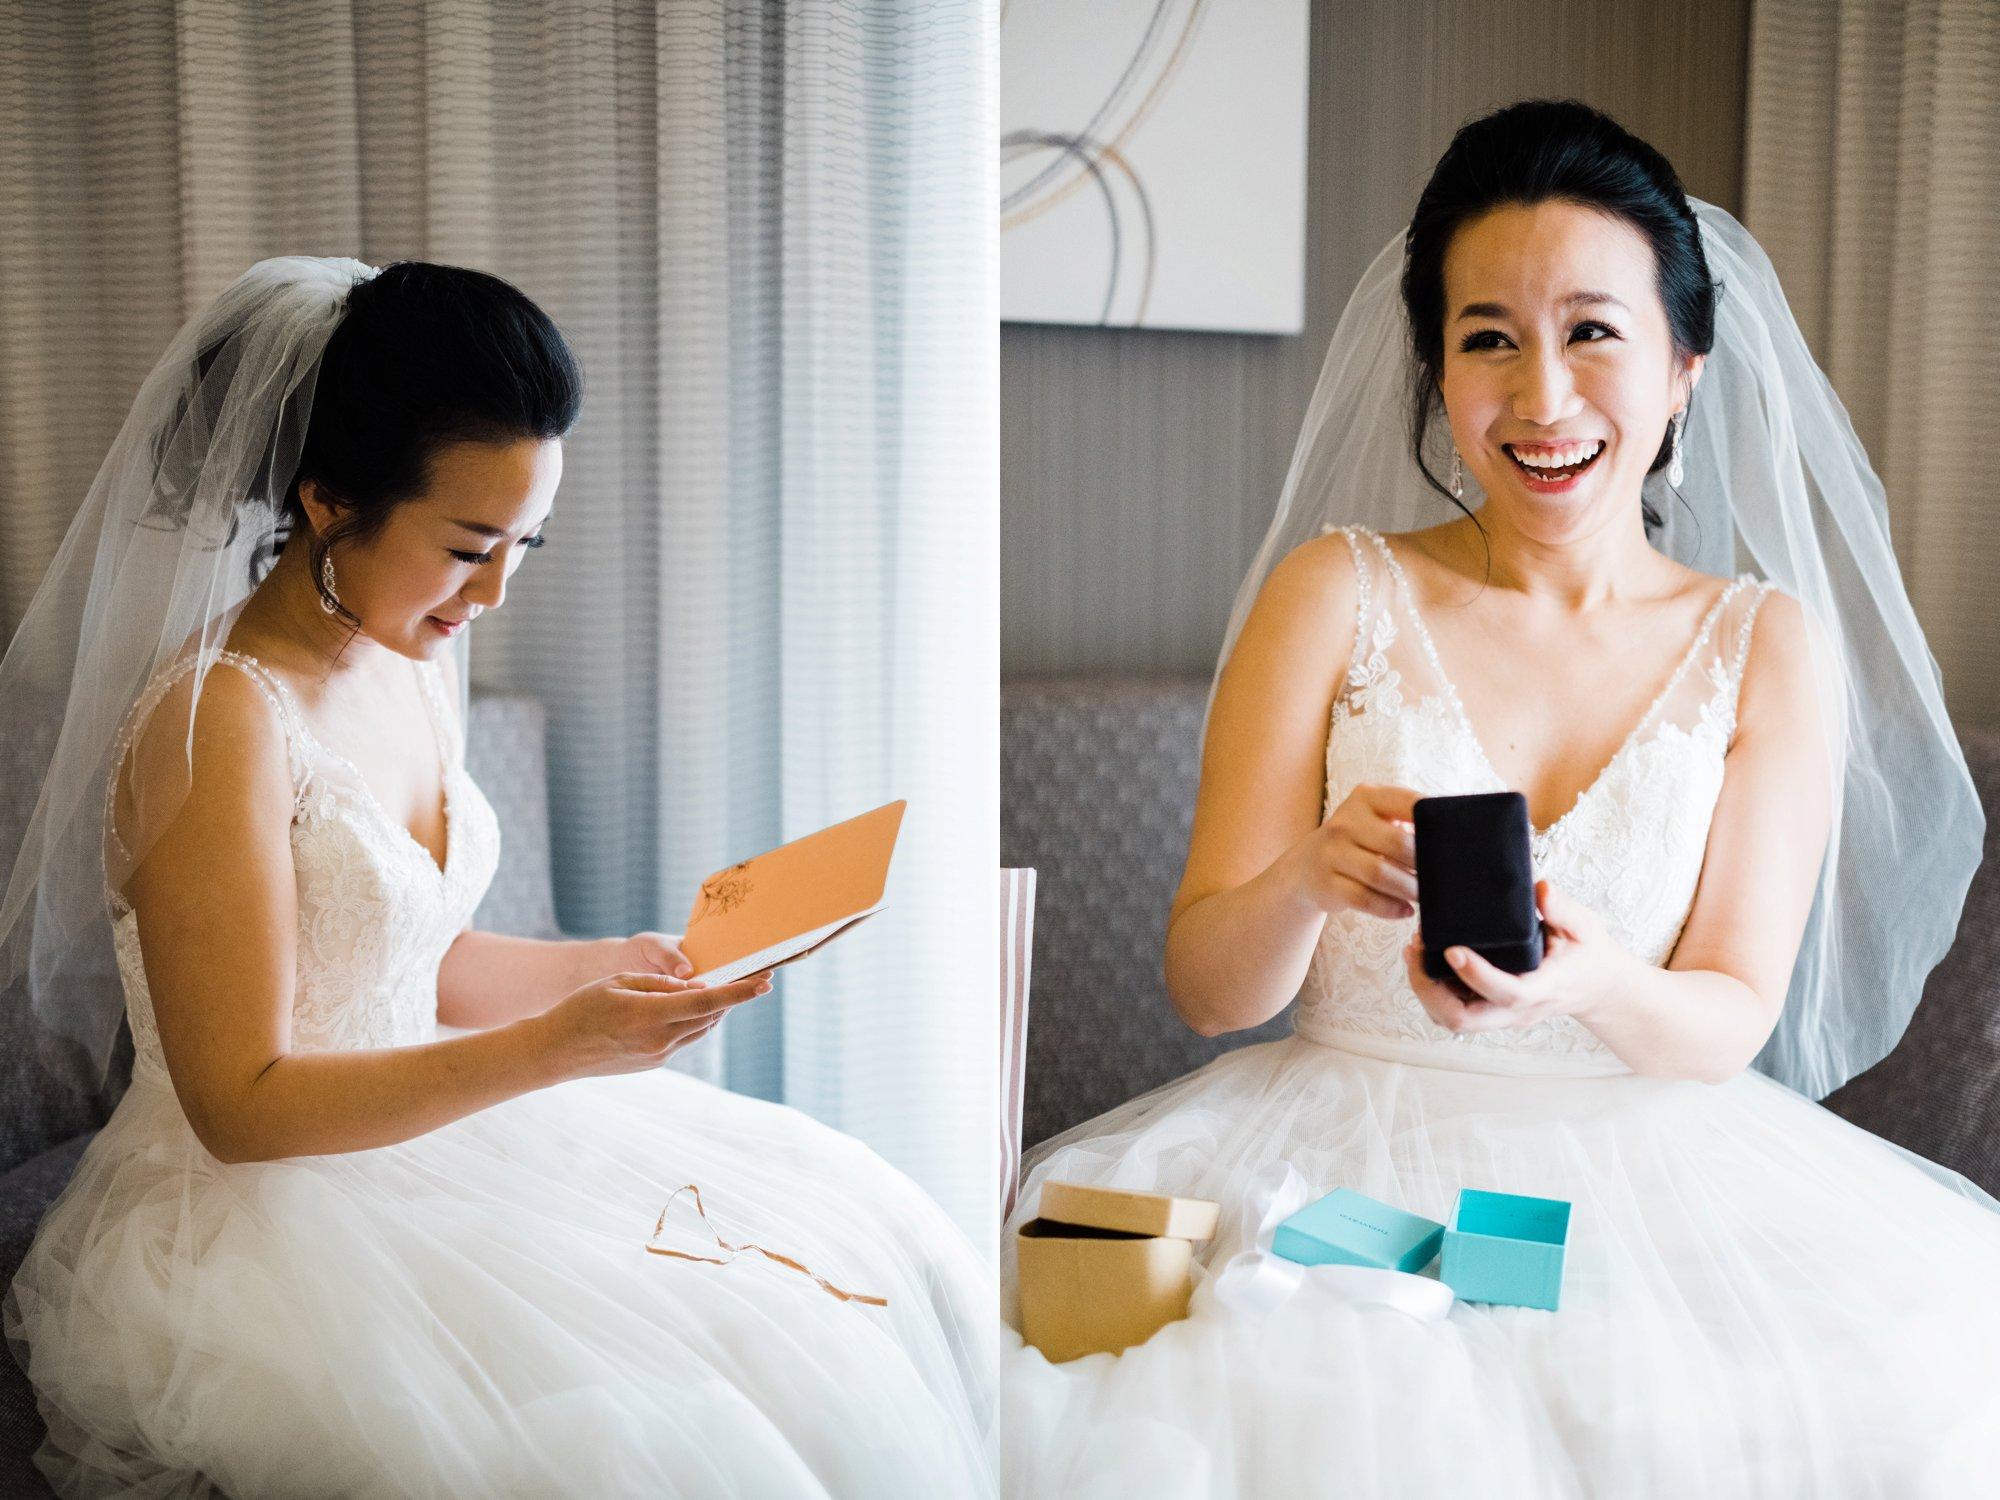 fairfax-dc-wedding-old-city-hall_0009.jpg